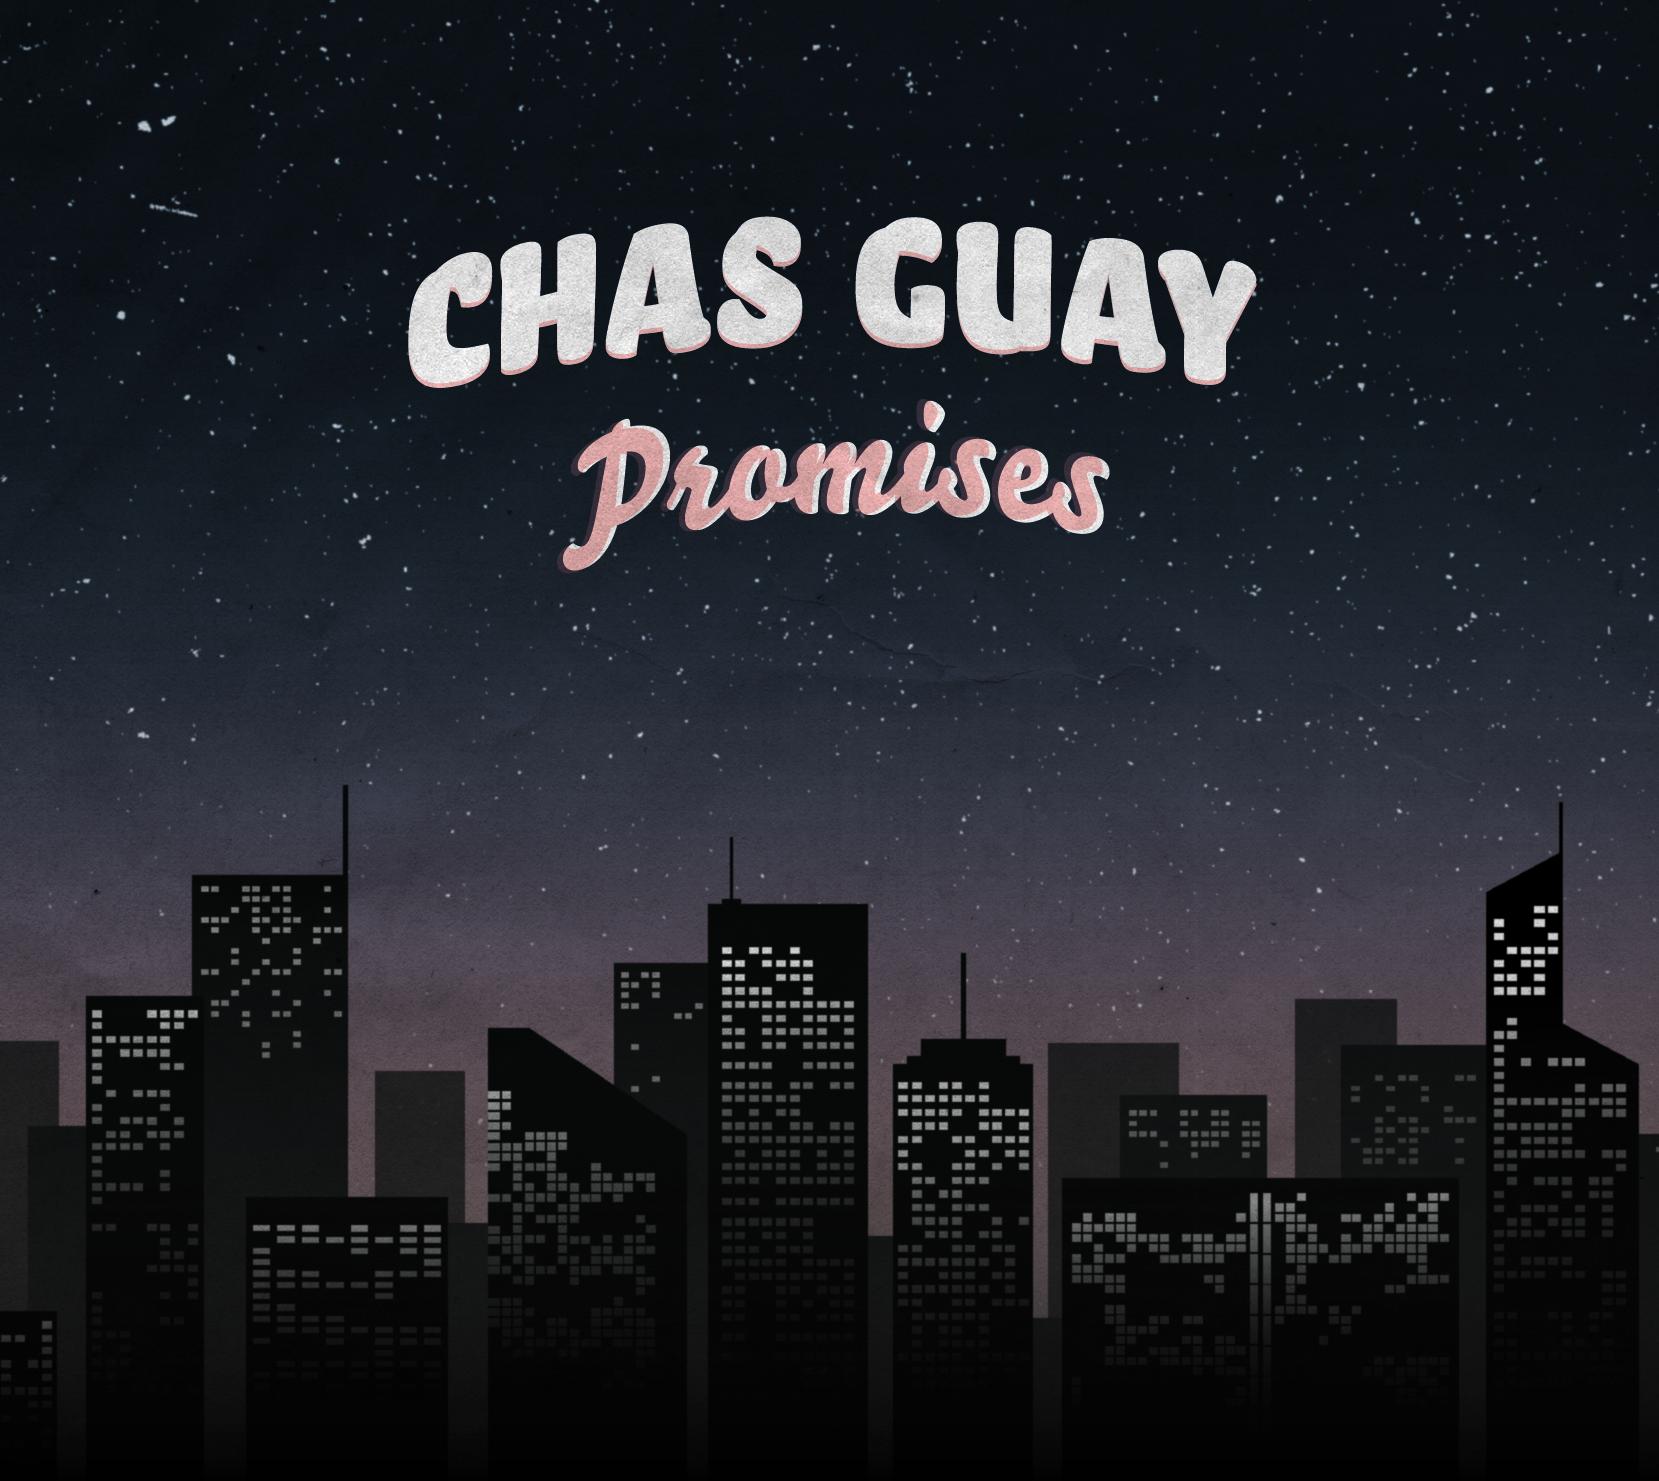 chasguay_Promises.jpg